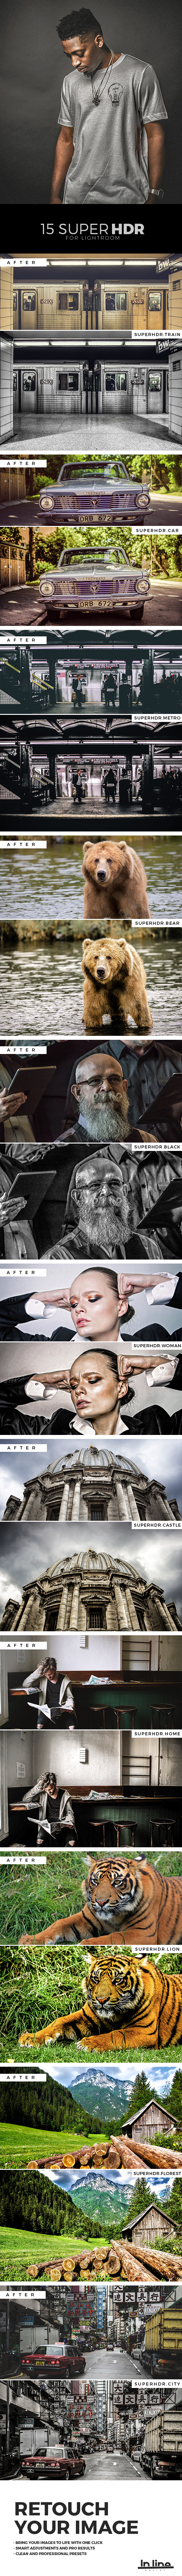 Super HDR Professional Presets - Adobe Lightroom - HDR Lightroom Presets